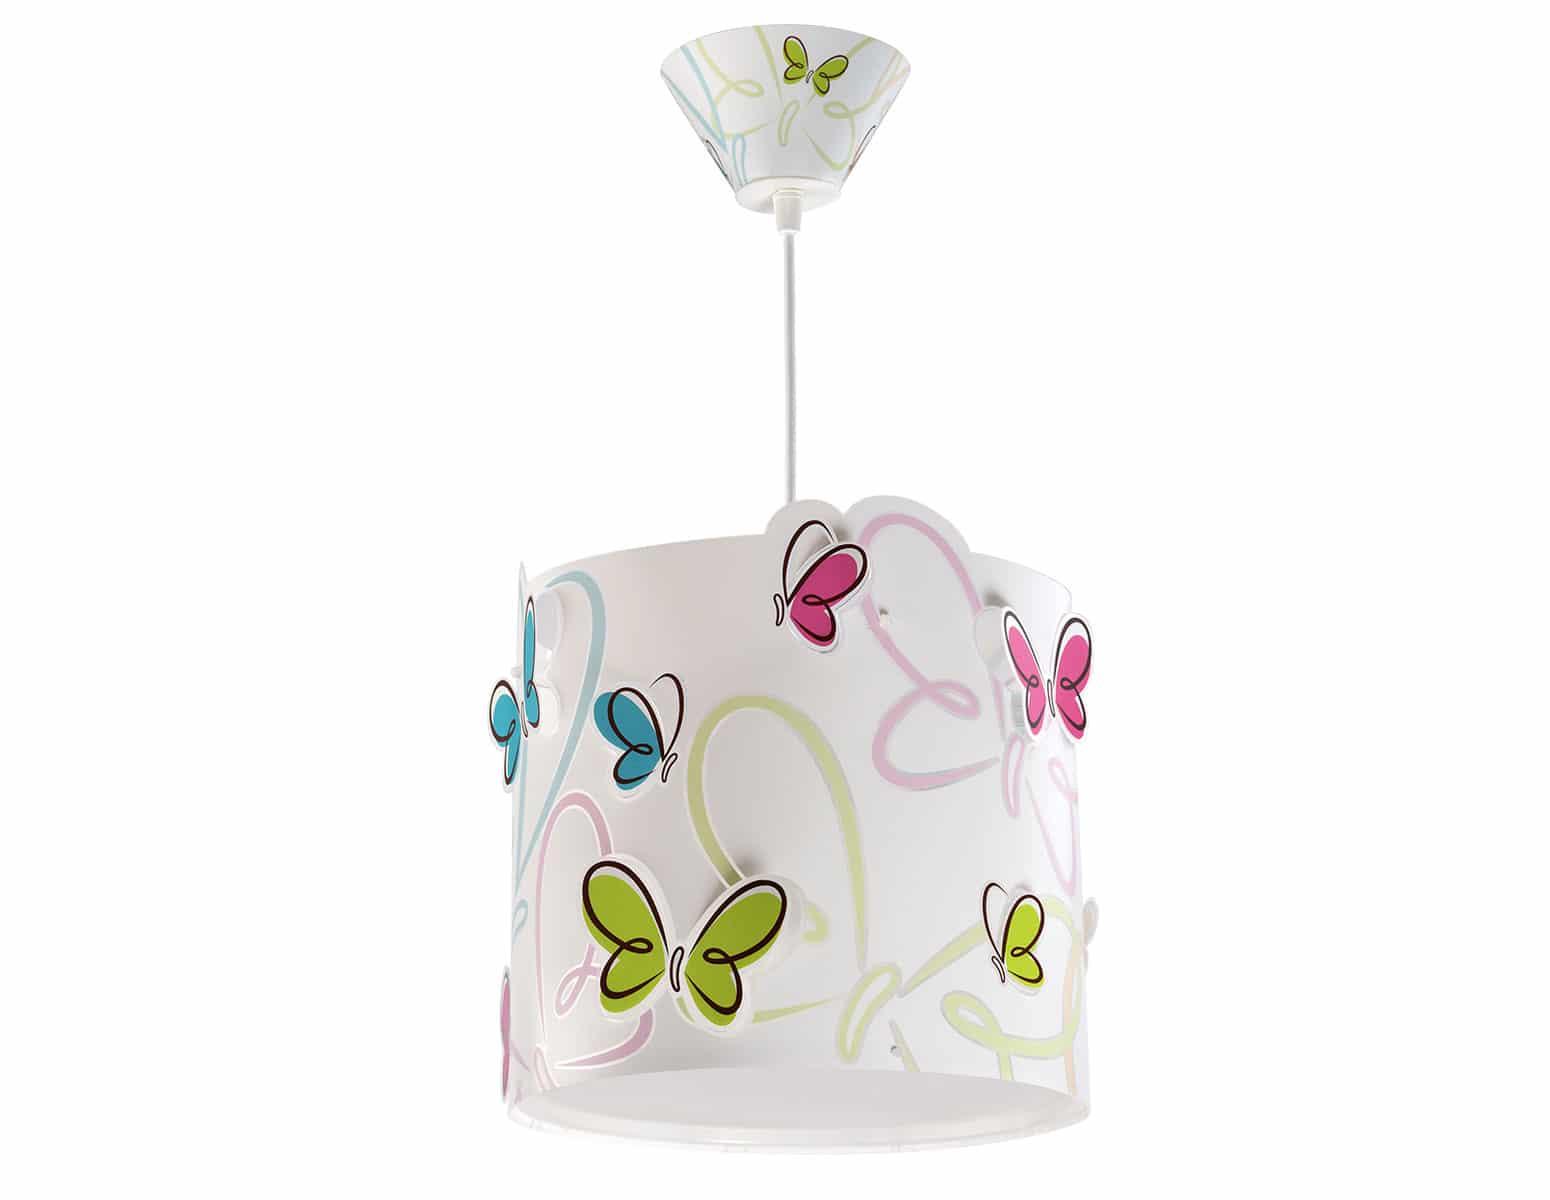 Παιδικό Φωτιστικό Οροφής με Πεταλούδες